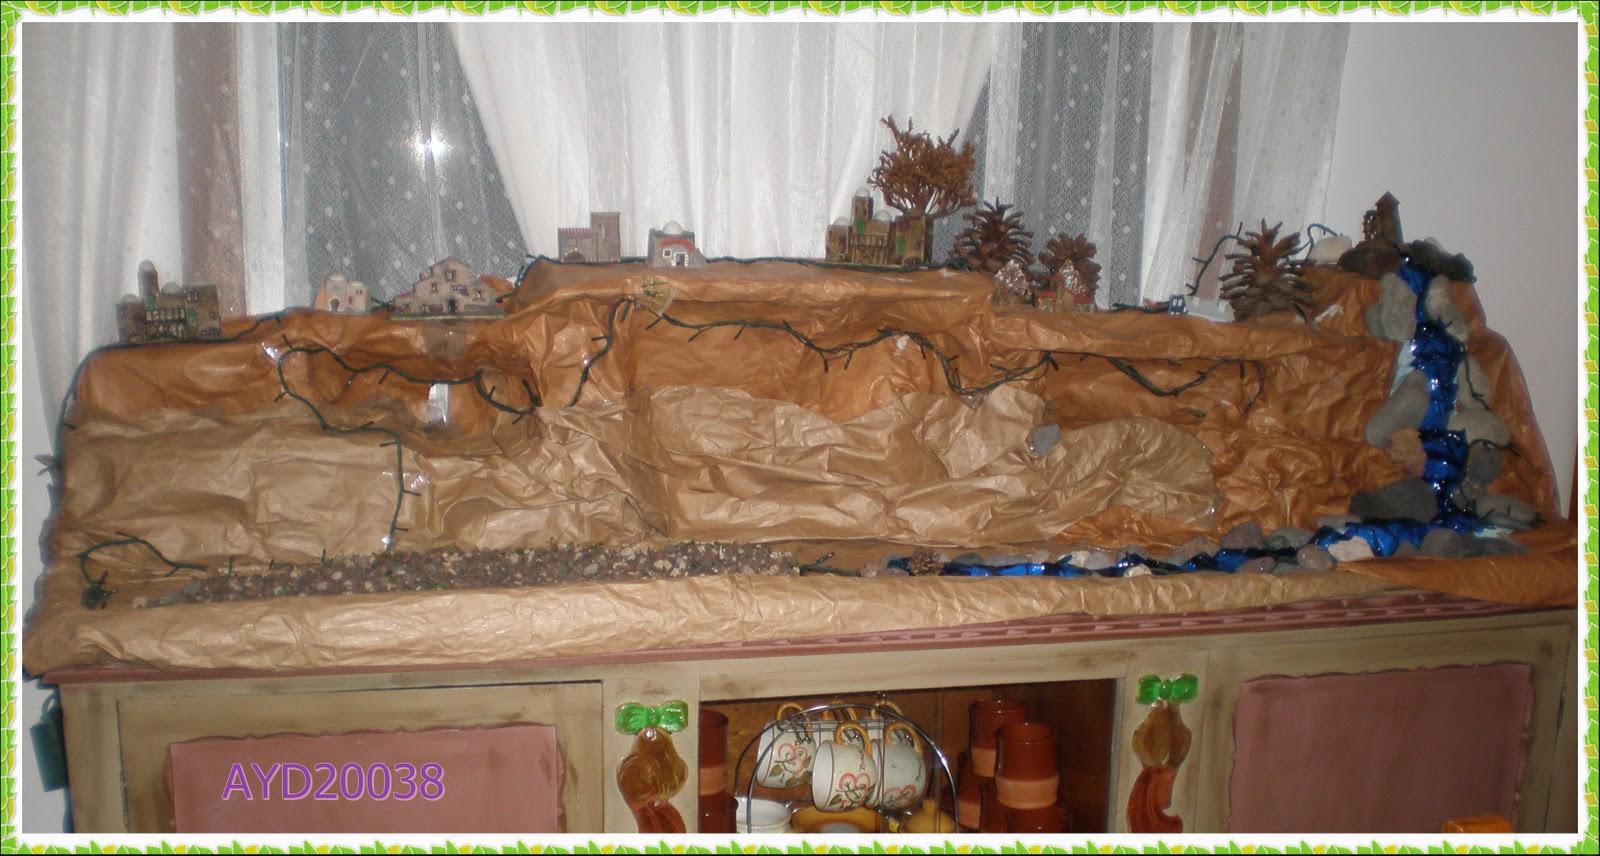 Las manualidades de ayd20038 ya llega la navidad for Como decorar un belen de navidad